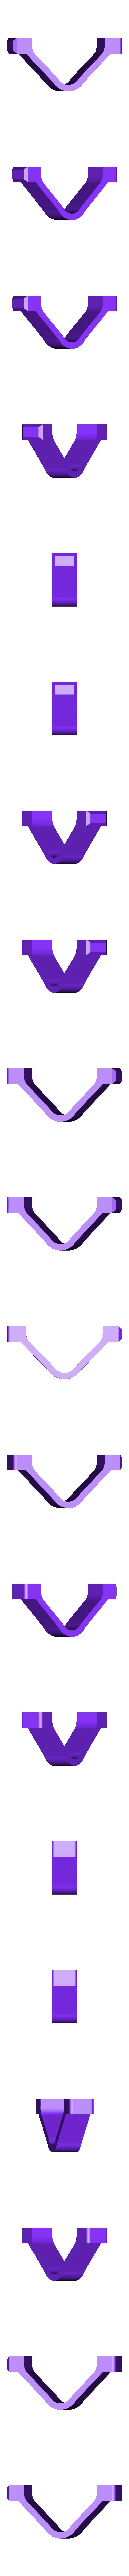 Button_Spring.stl Télécharger fichier STL gratuit Jouet de Noël • Design à imprimer en 3D, Jwoong